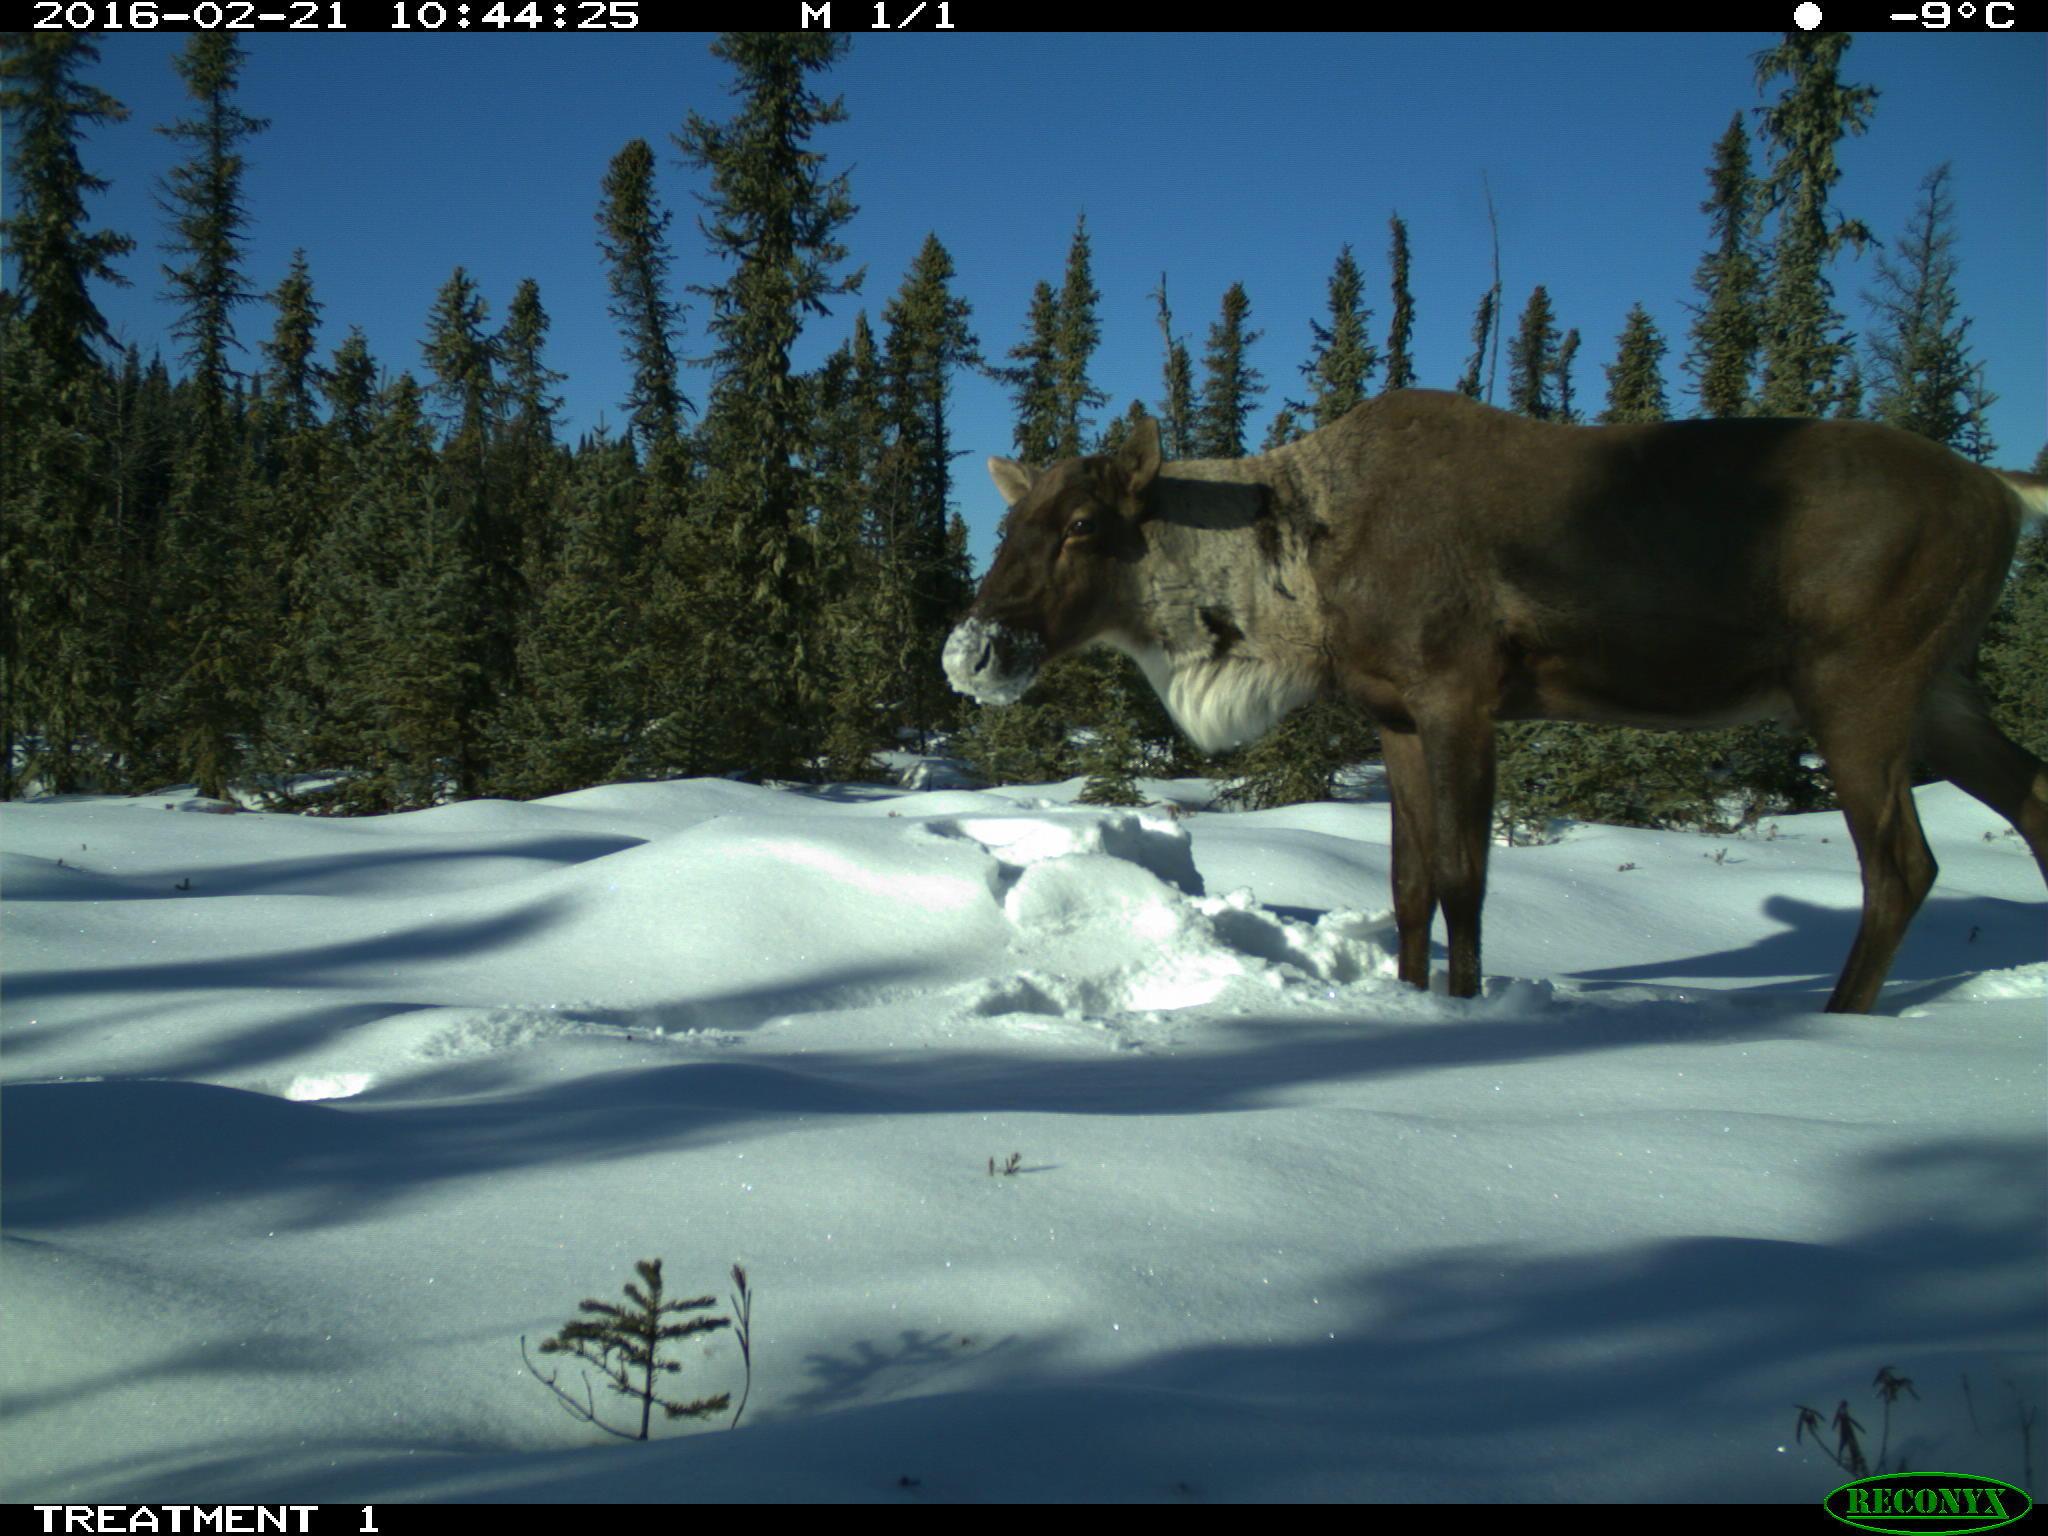 WildCo - Wildlife Coexistence Lab